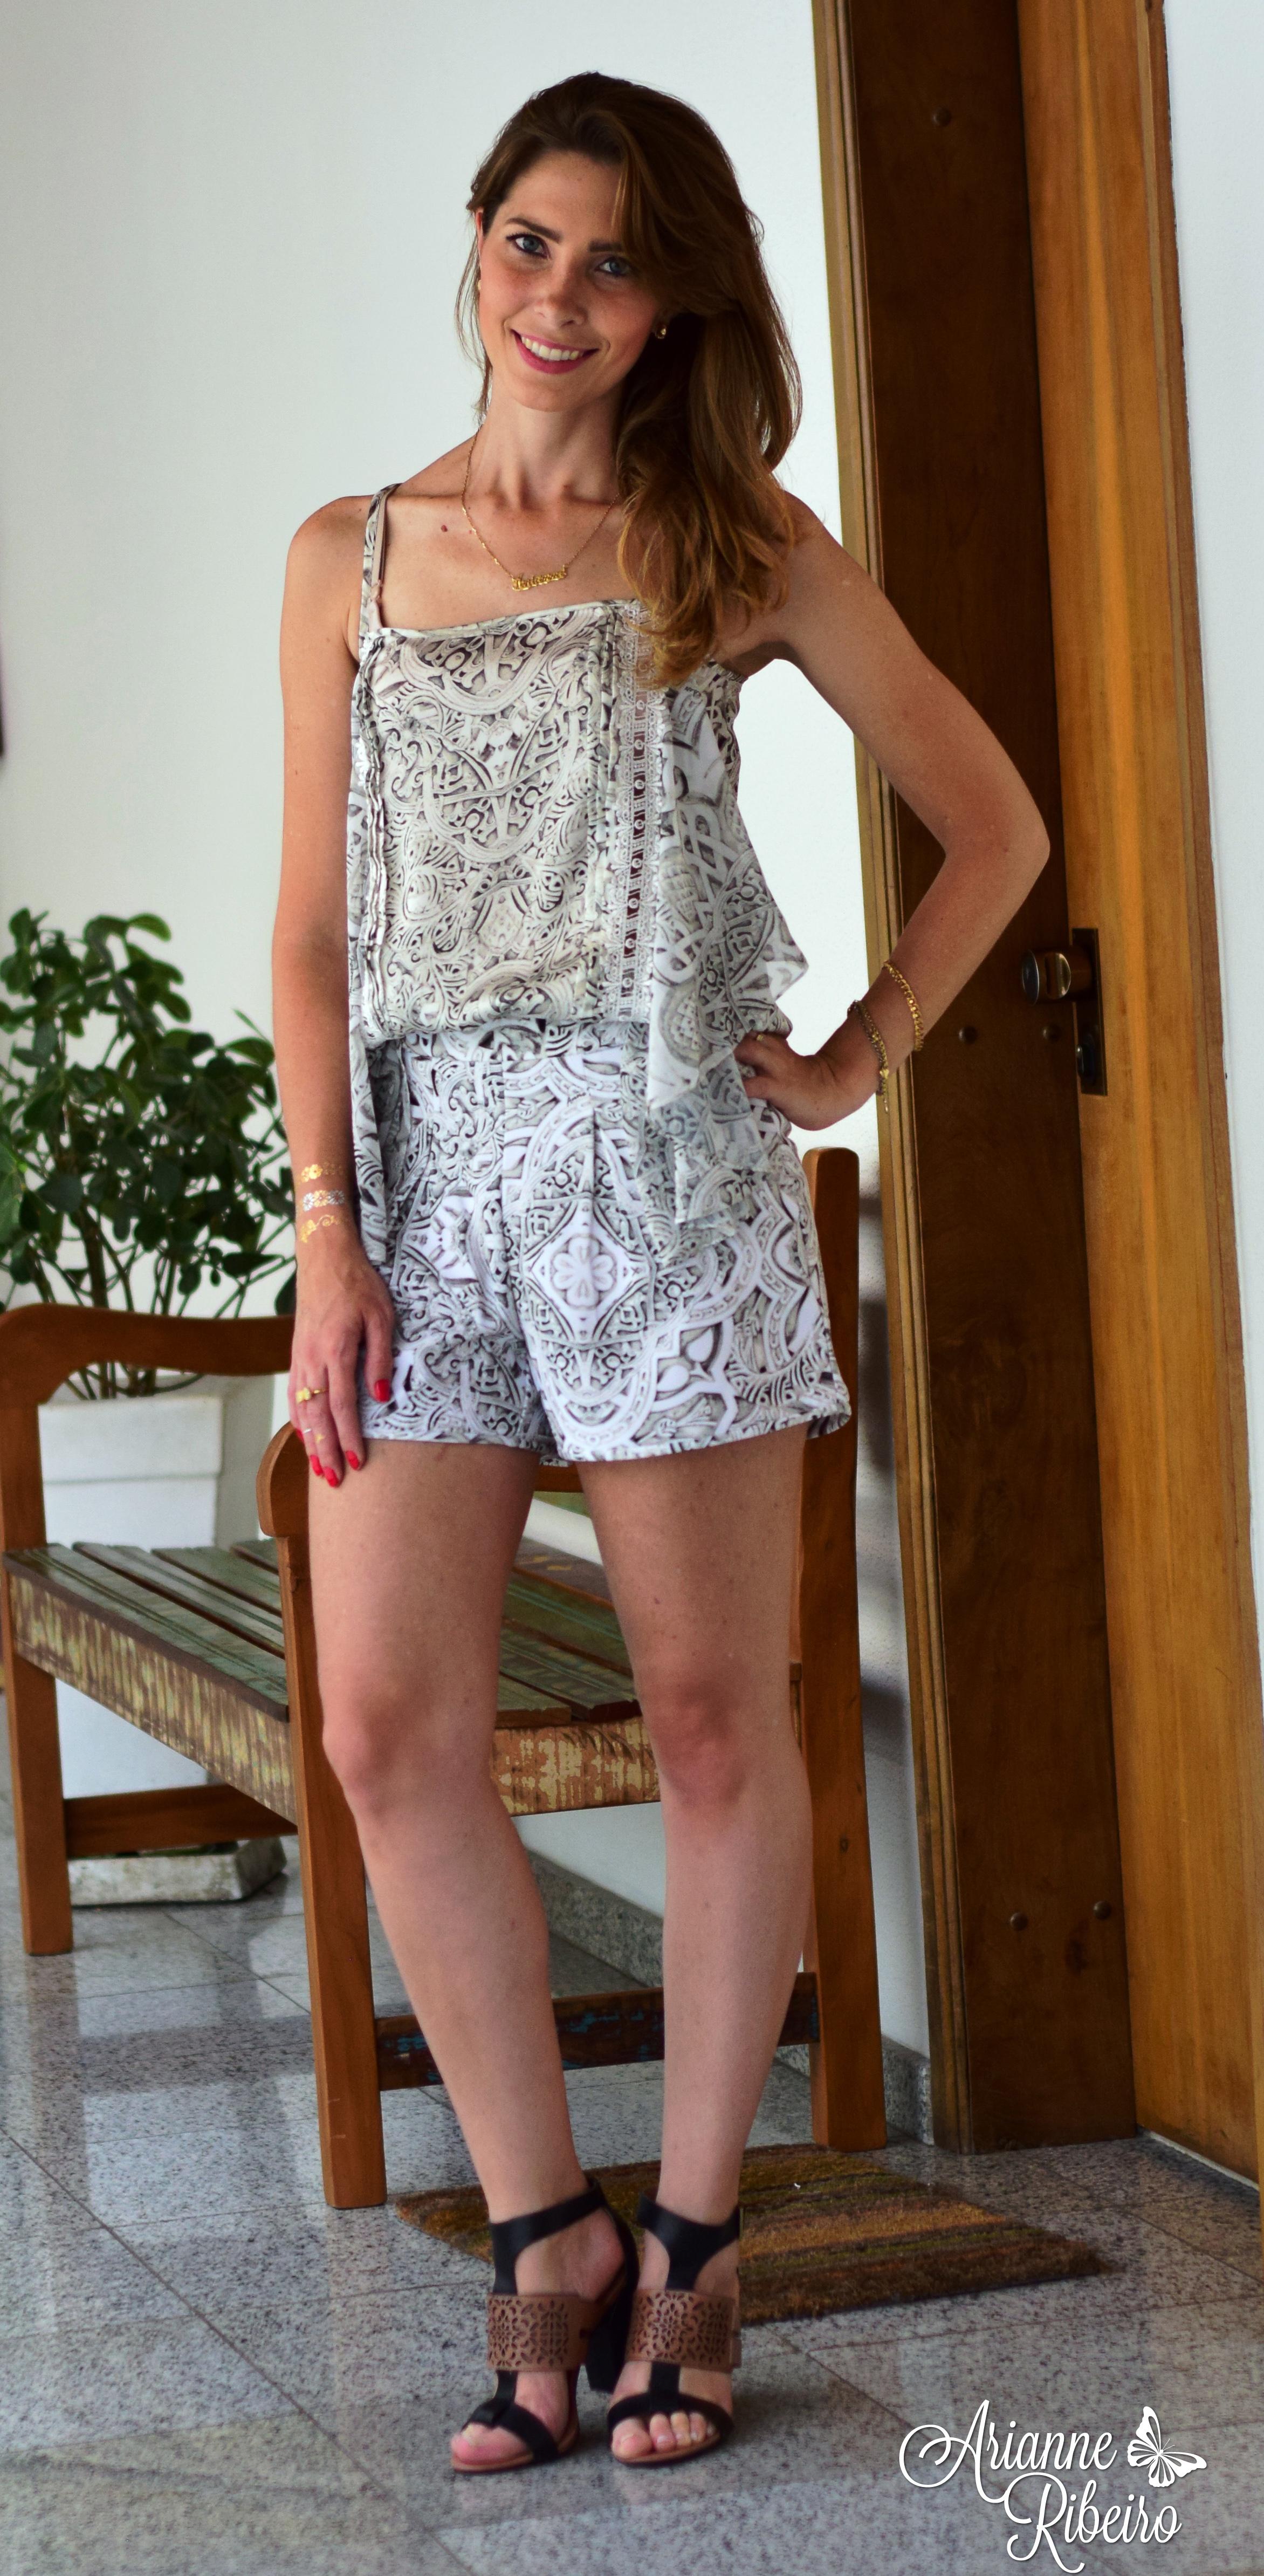 Sttudio Moda 004 _ Arianne Ribeiro